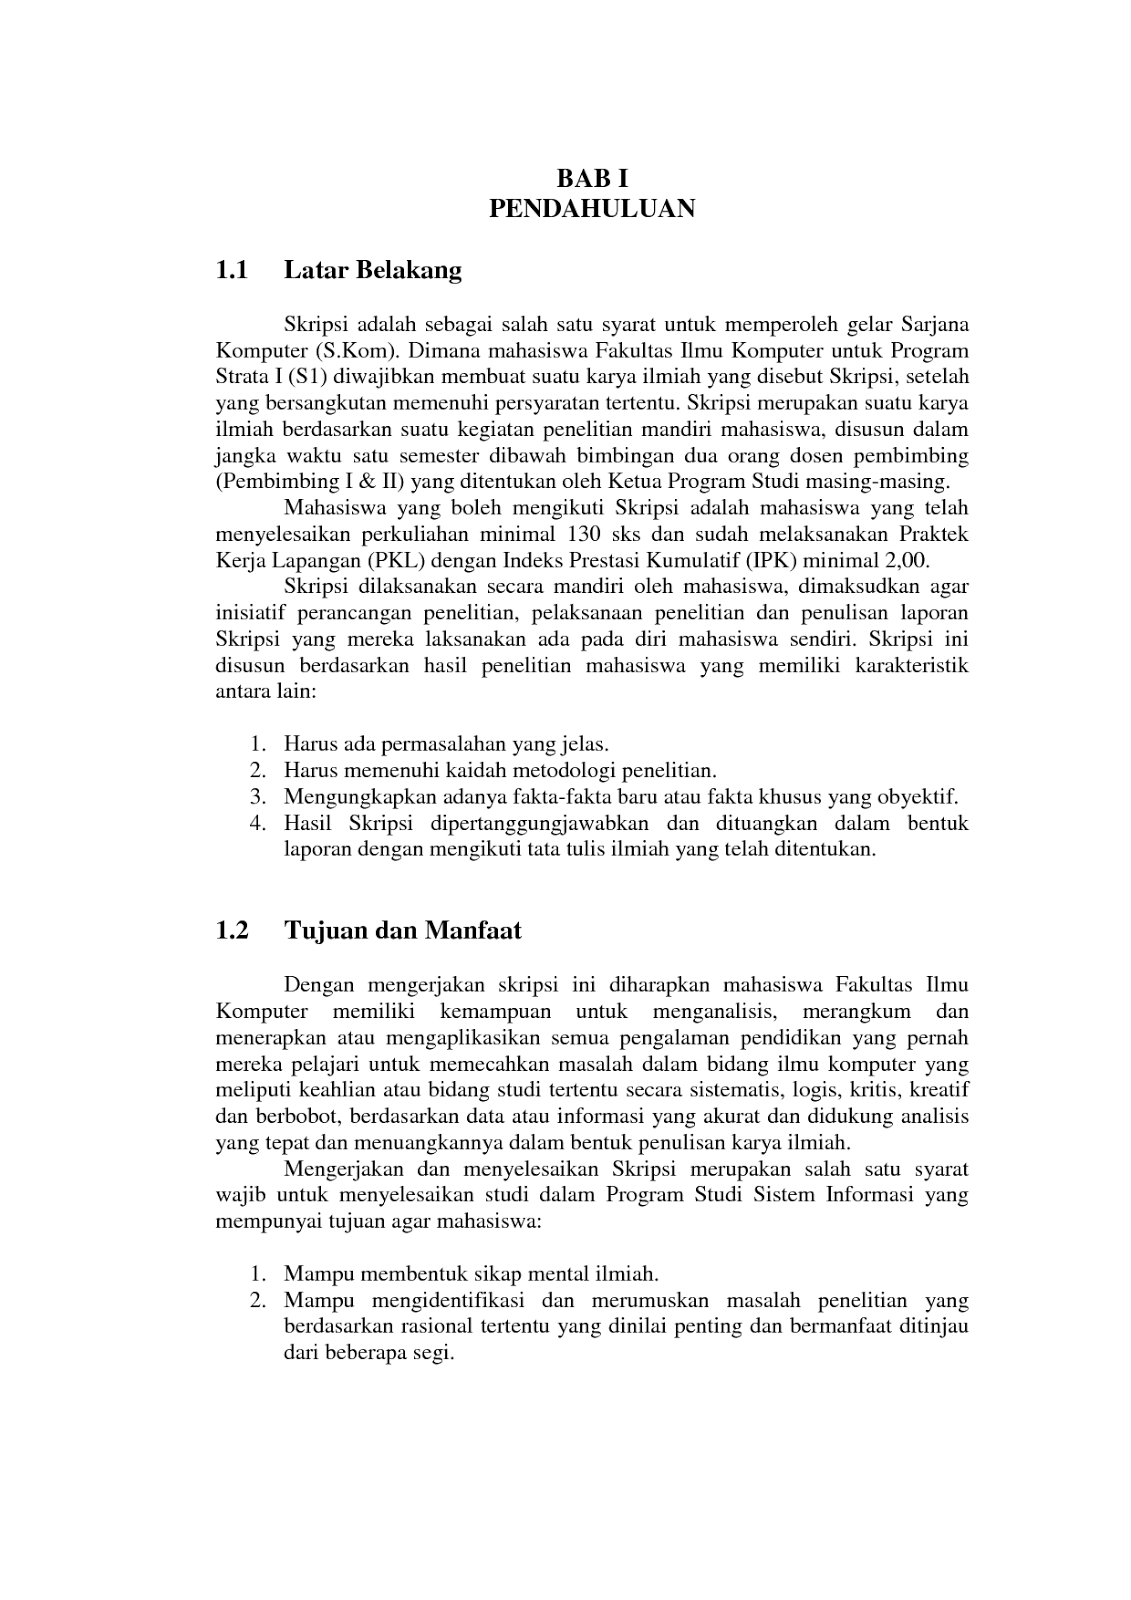 Contoh Proposal Pengajuan Skripsi Jurusan Komputer Ti Si Mi